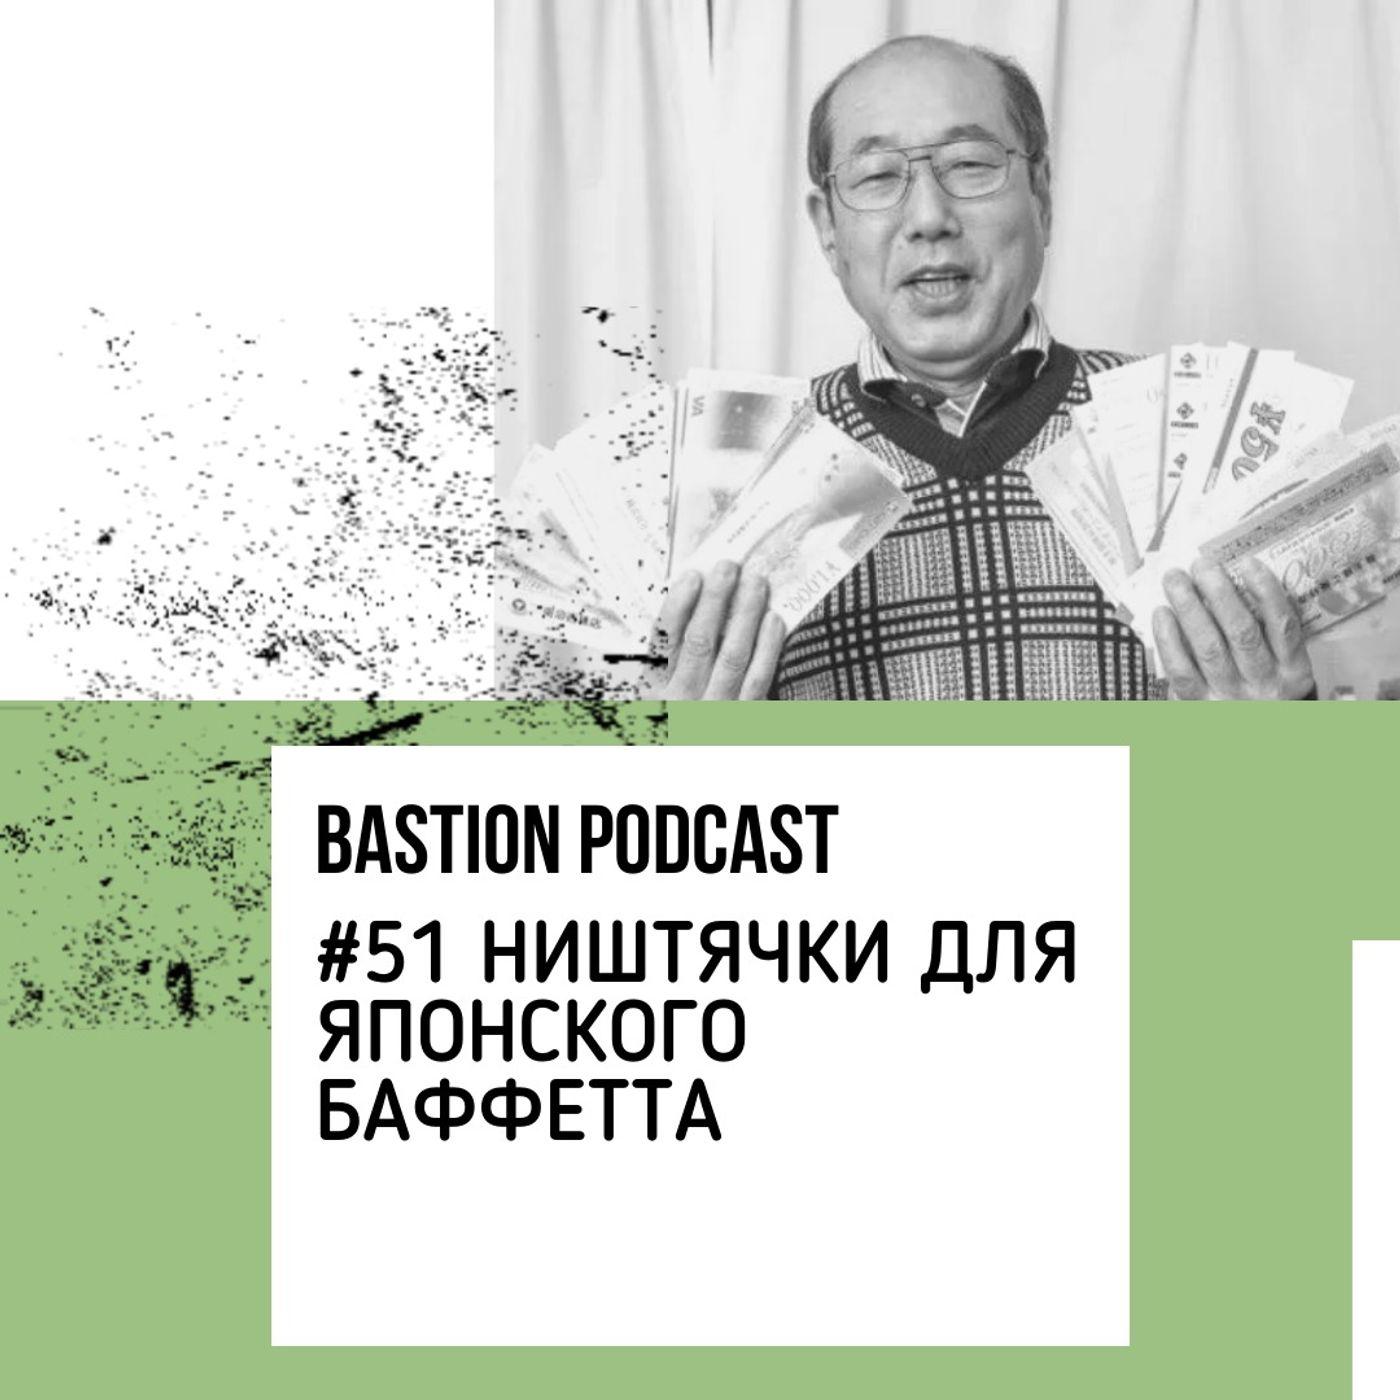 #51: Ништячки для японского Баффетта